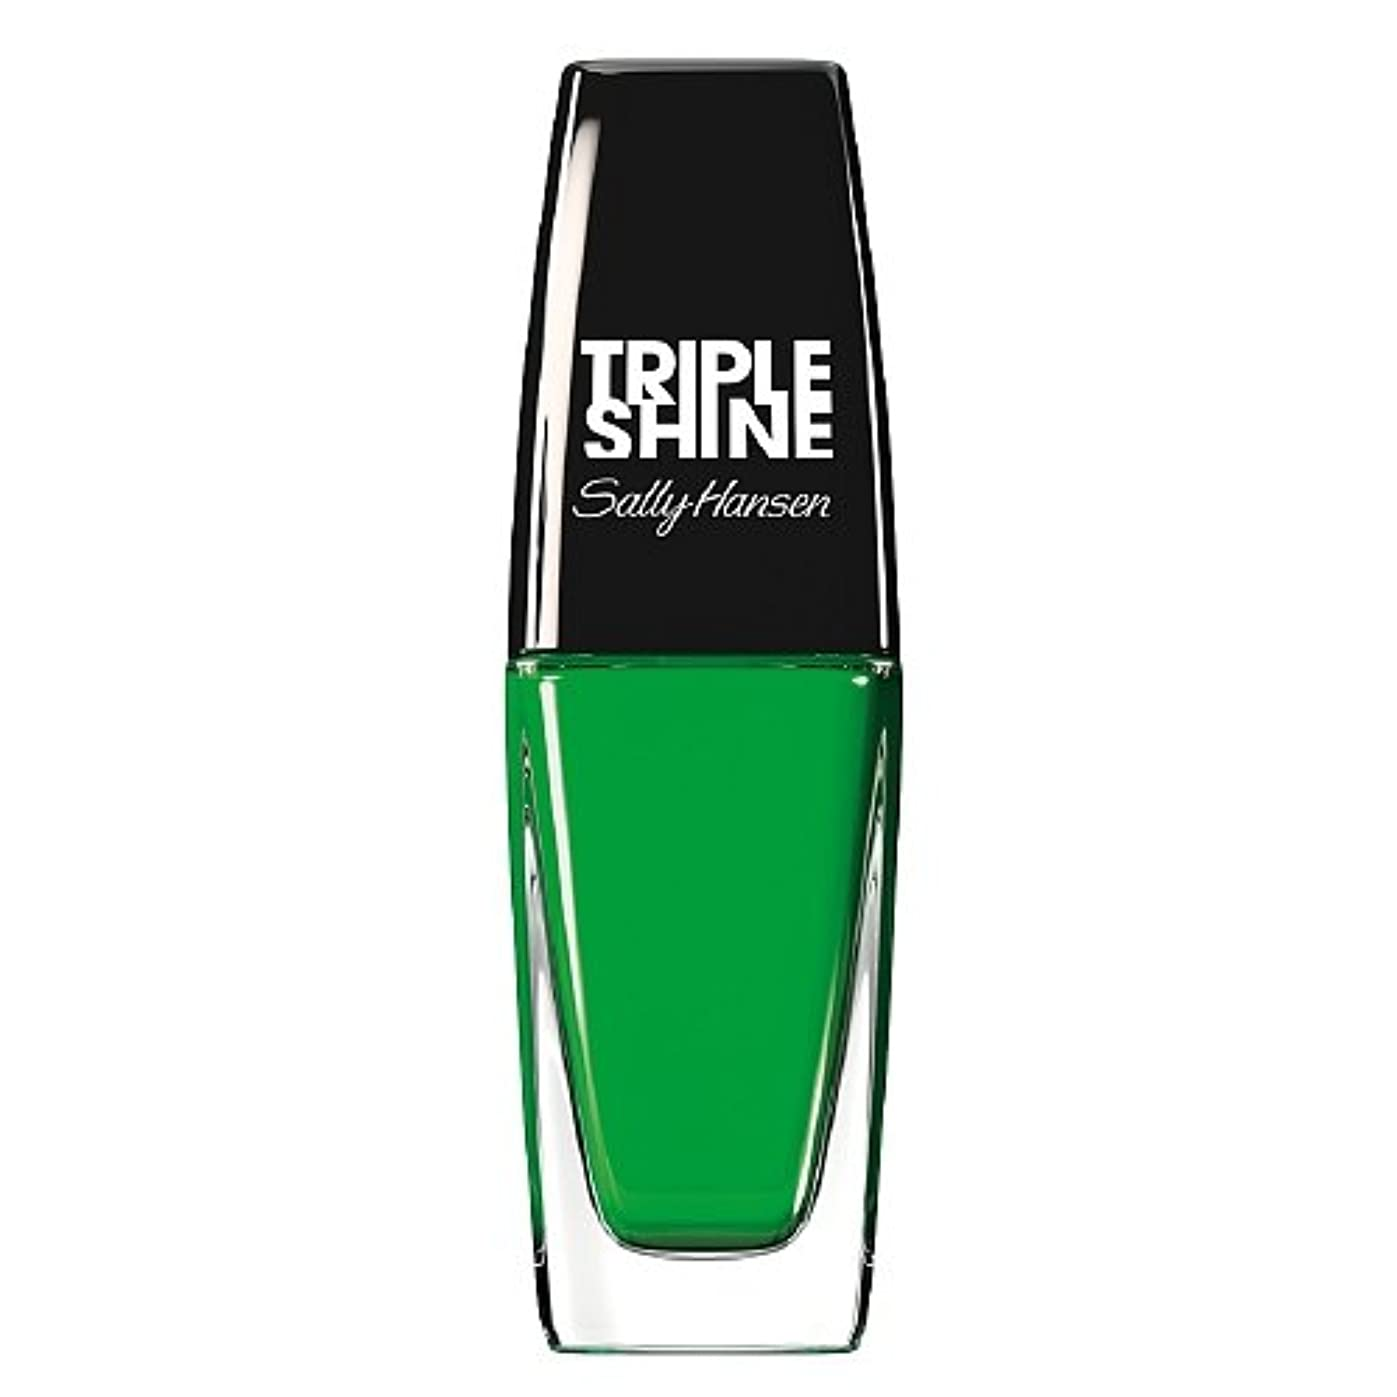 司教不倫しなければならないSALLY HANSEN Triple Shine Nail Polish - Kelp Out (並行輸入品)